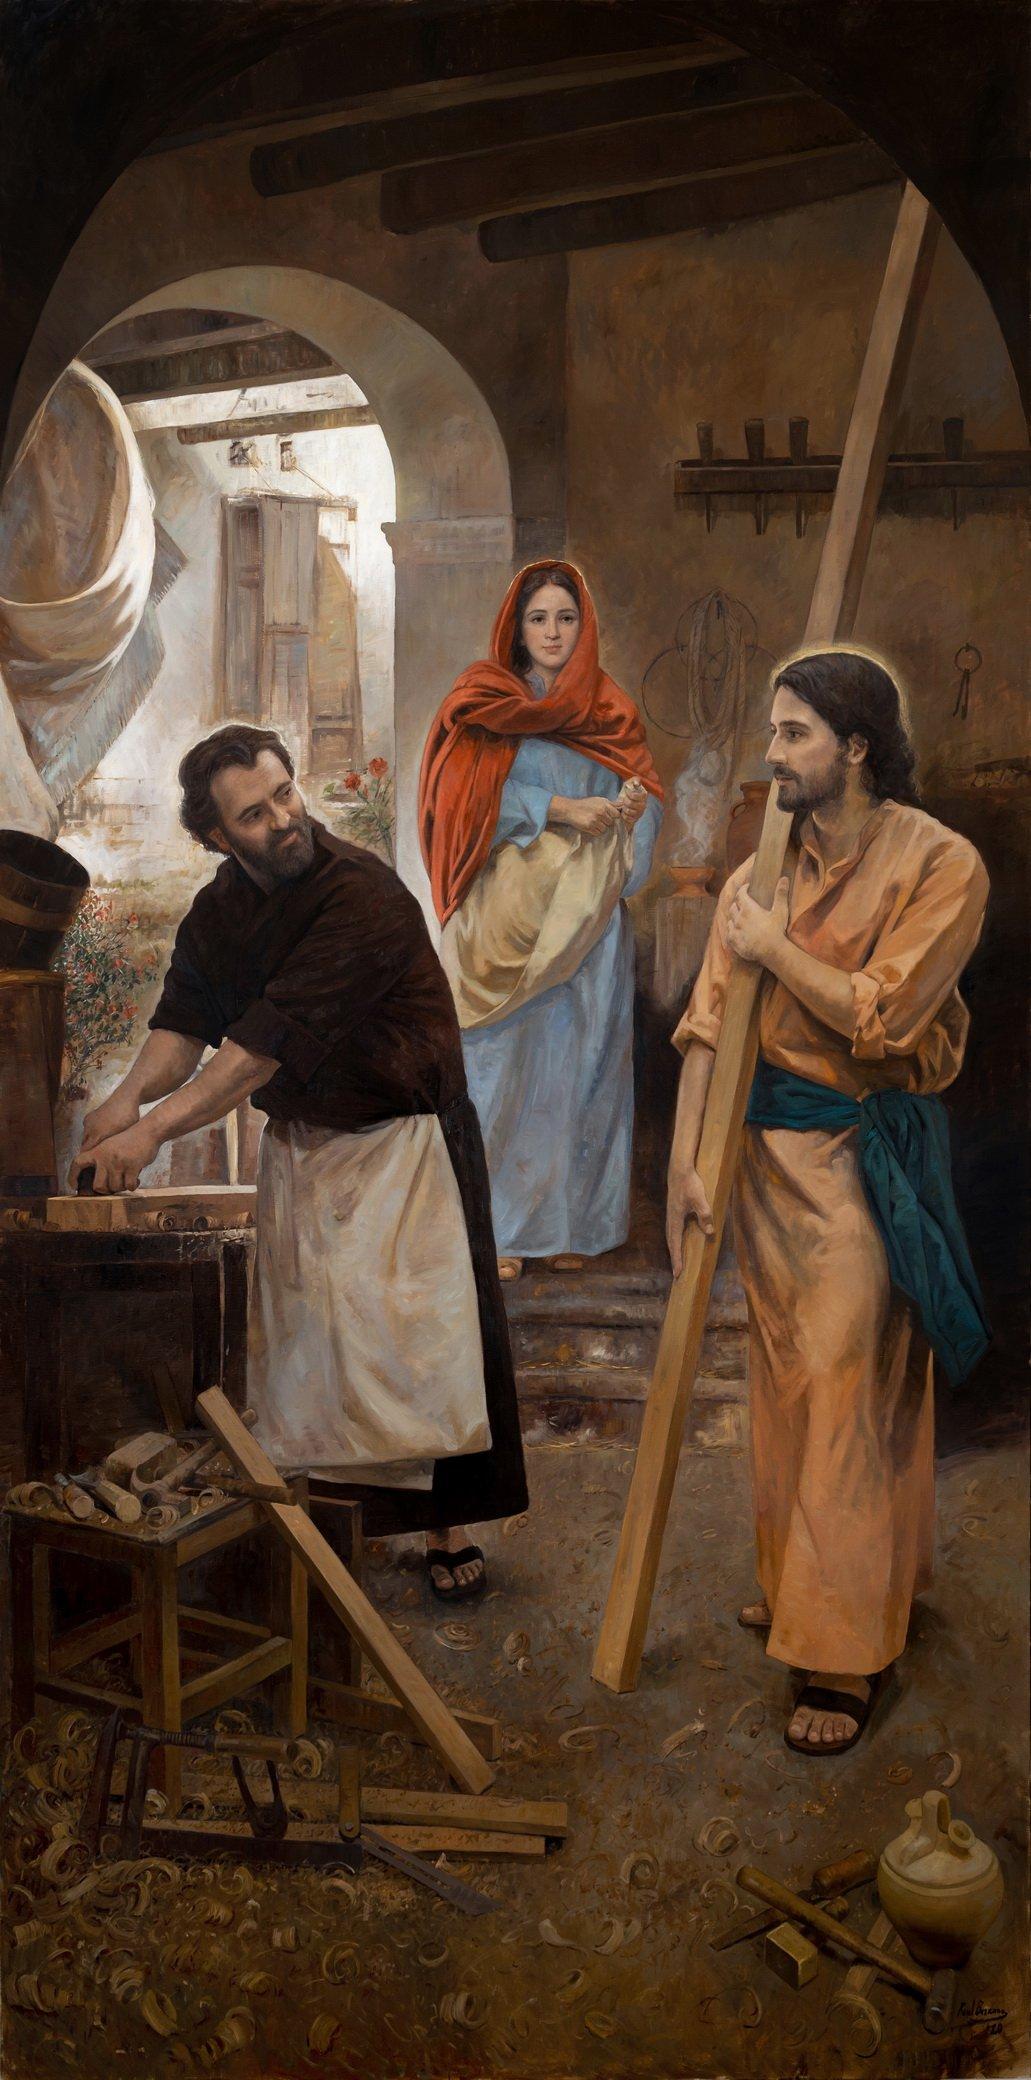 Joseph et l'Esprit Saint : une tonalité particulière